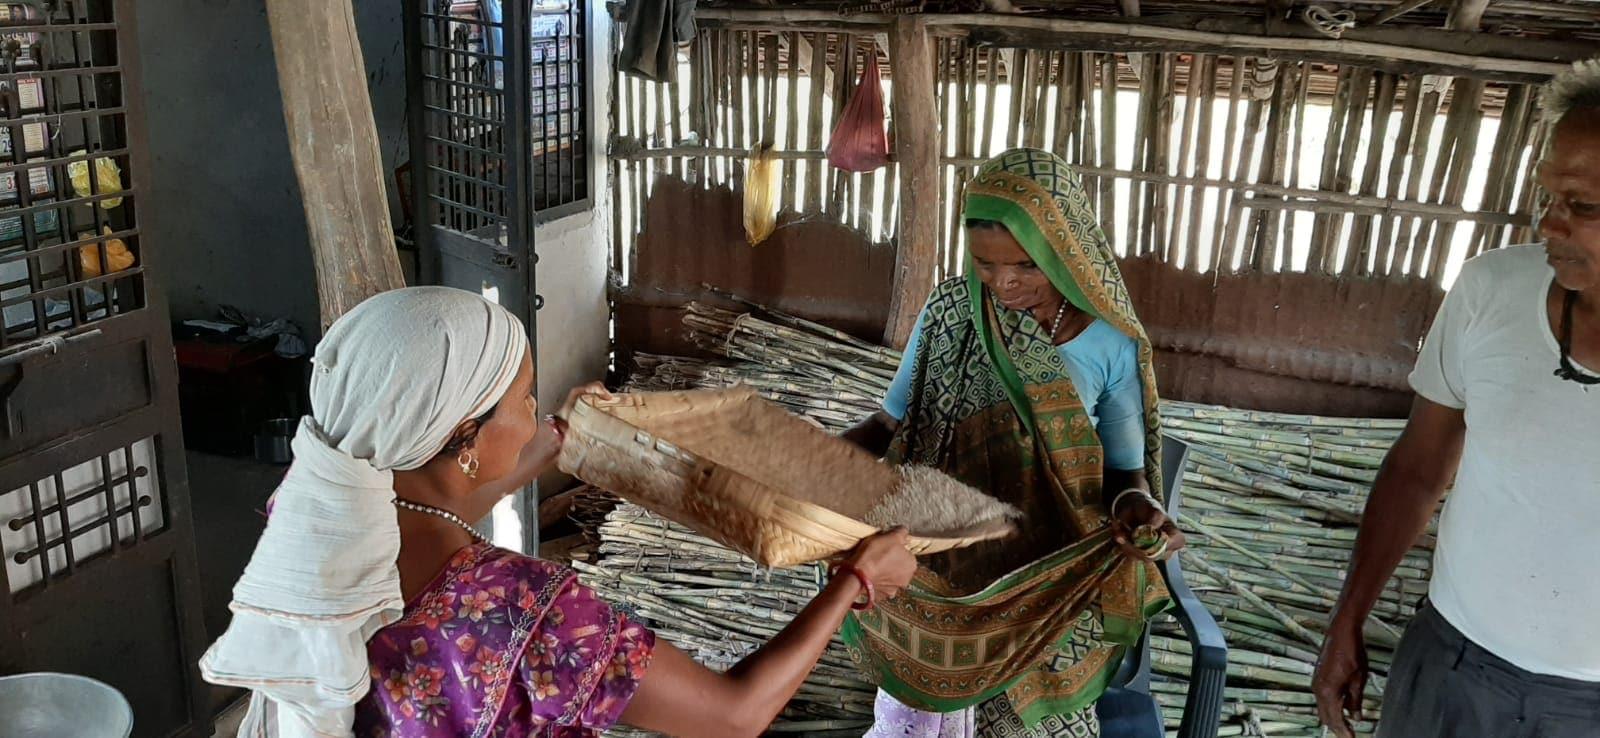 કોરોનાના કેહેર વચ્ચે હાલ લોકો લોકડાઉનમાં ઘરની ચાર દીવાલો વચ્ચે દિવસો પસાર કરી રહ્યા છે.લોકડાઉનને કારણે લોકોના ધંધા રોજગાર ઠપ્પ થઈ પડ્યા છે.લોકડાઉનની વિપરીત અસર તમામ વર્ગના લોકો પર પડી છે.પણ આ તમામની વચ્ચે ગુજરાતના આદિવાસીઓ પોતાની જૂની પ્રણાલીનો અમલ કરવાનો ચાલુ કર્યો છે.